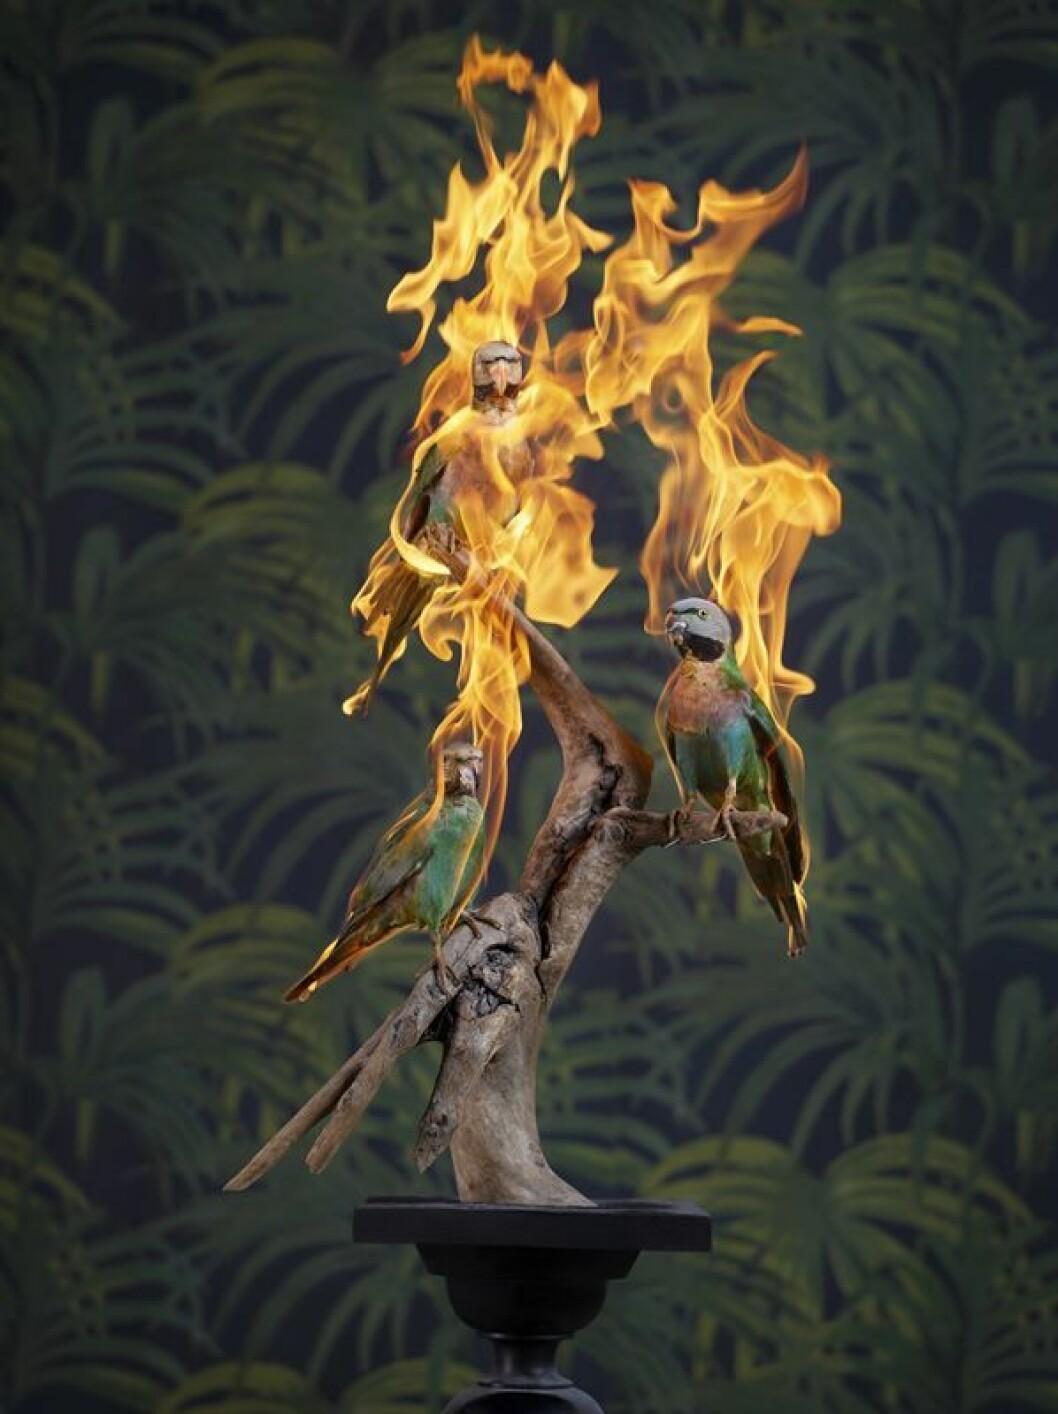 brinnande djur Fotografiska